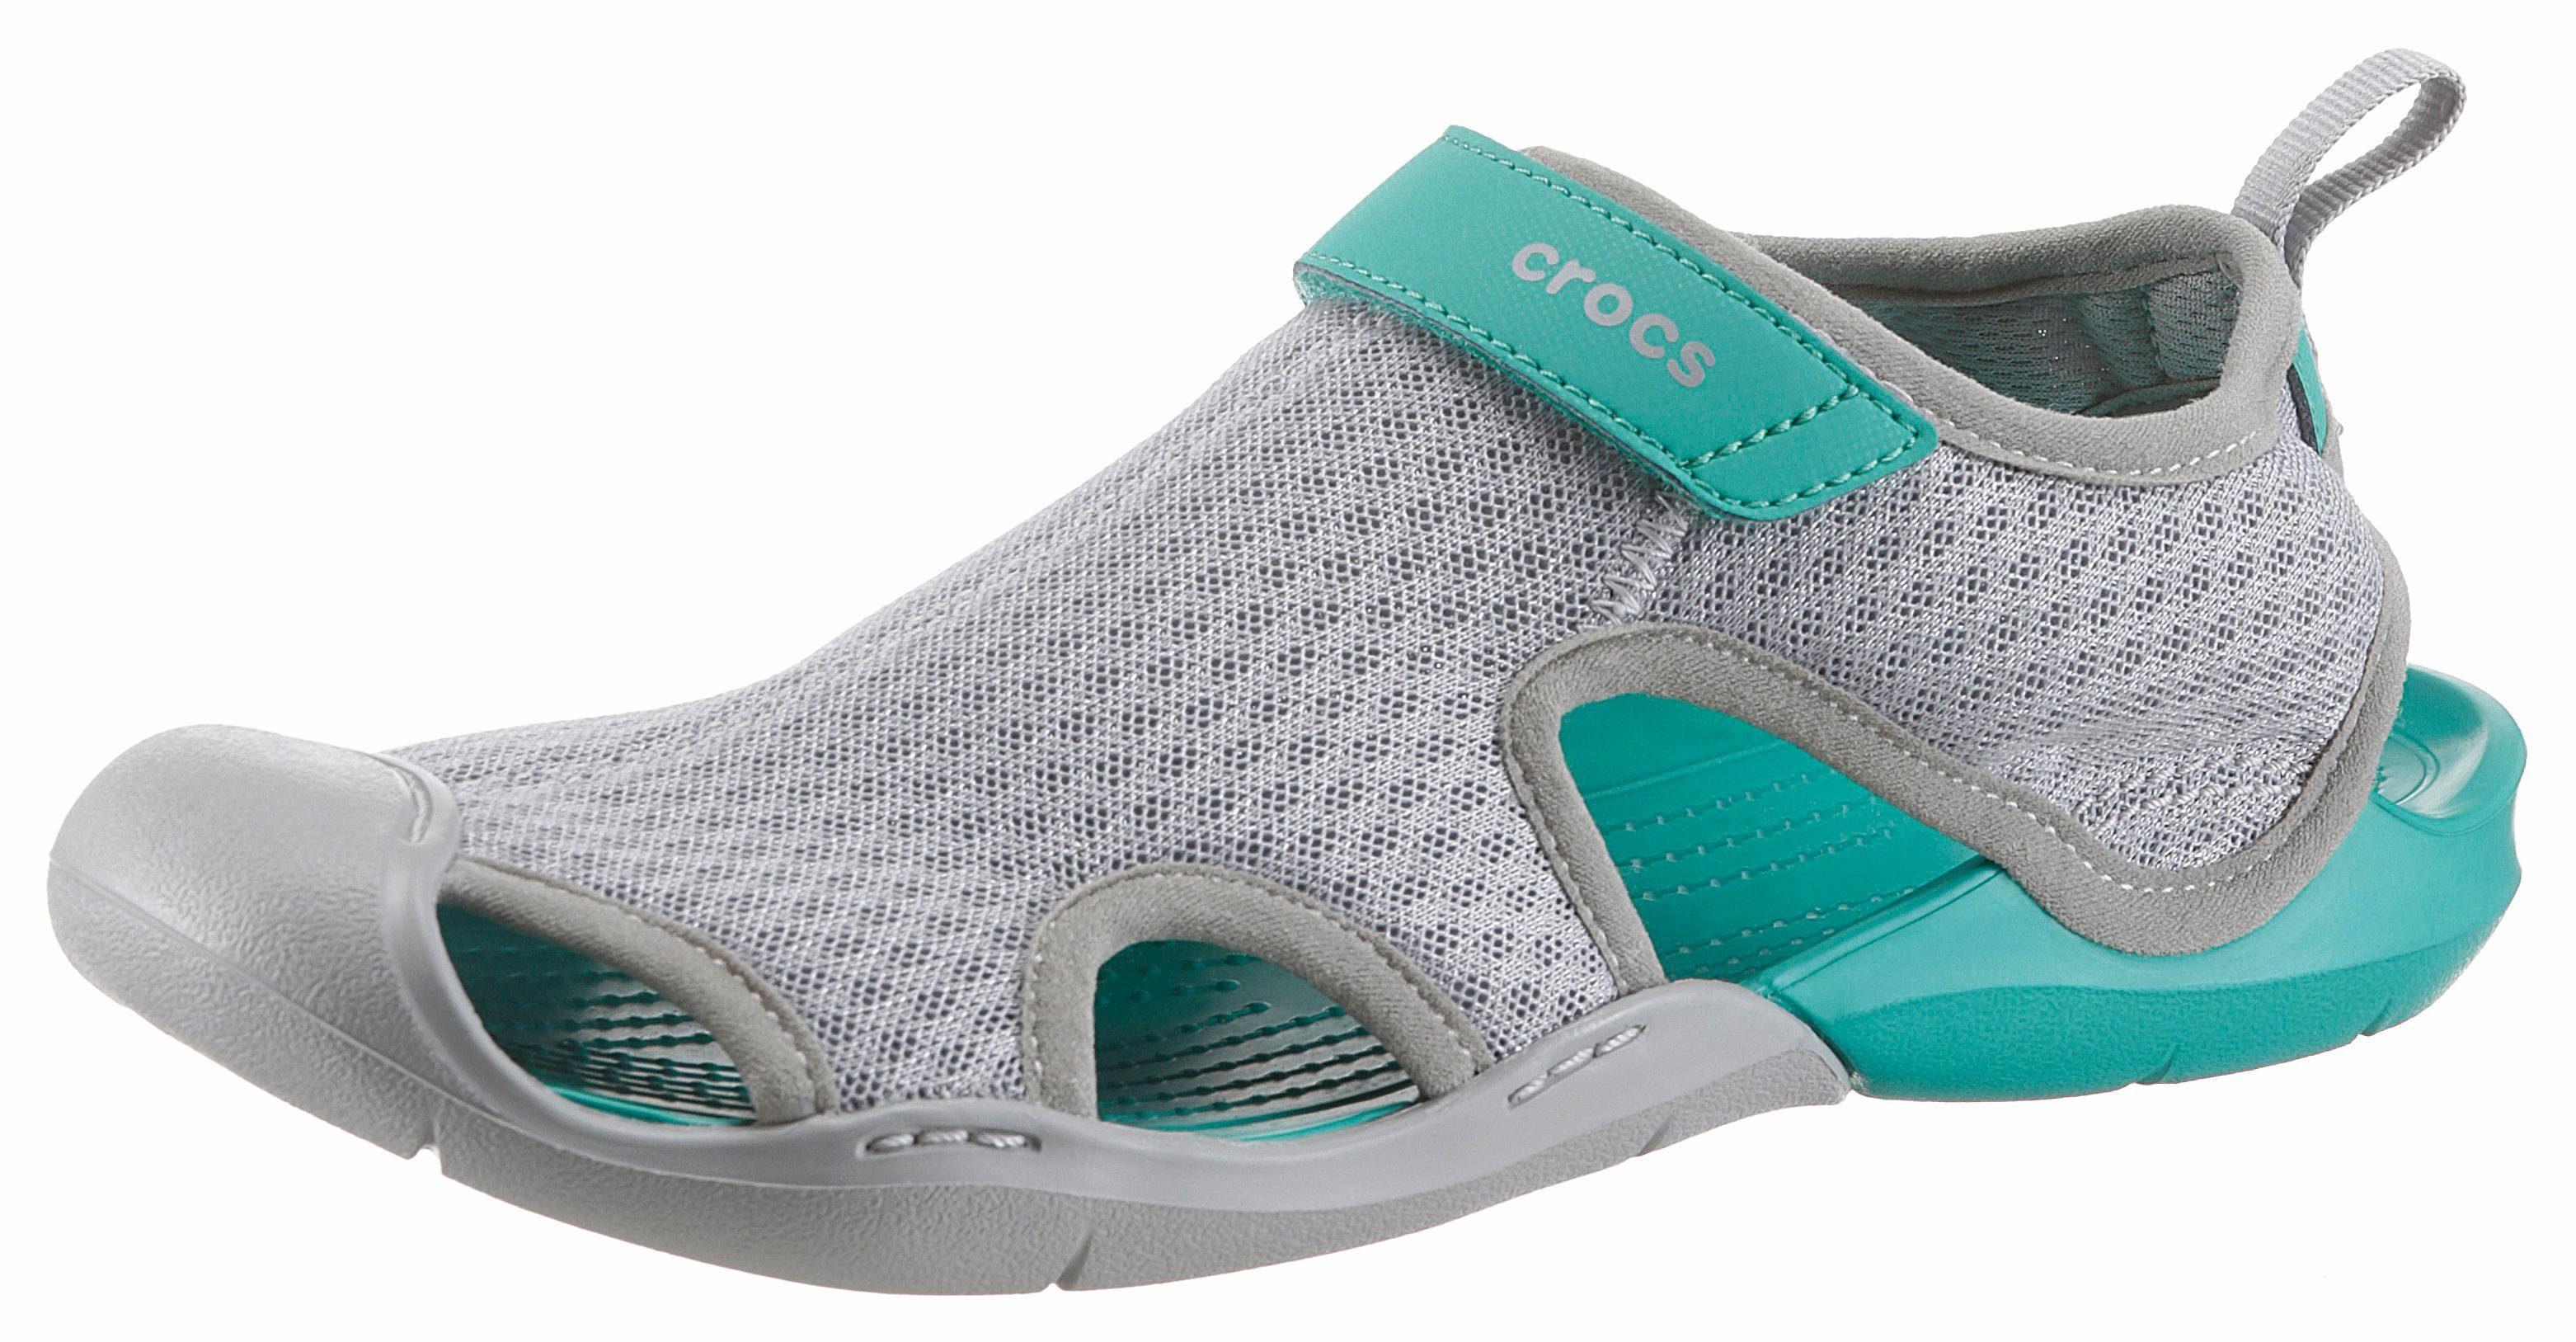 Crocs Swiftwater Mesh Sandal Sandale, mit praktischem Klettverschluss online kaufen  grau-petrol